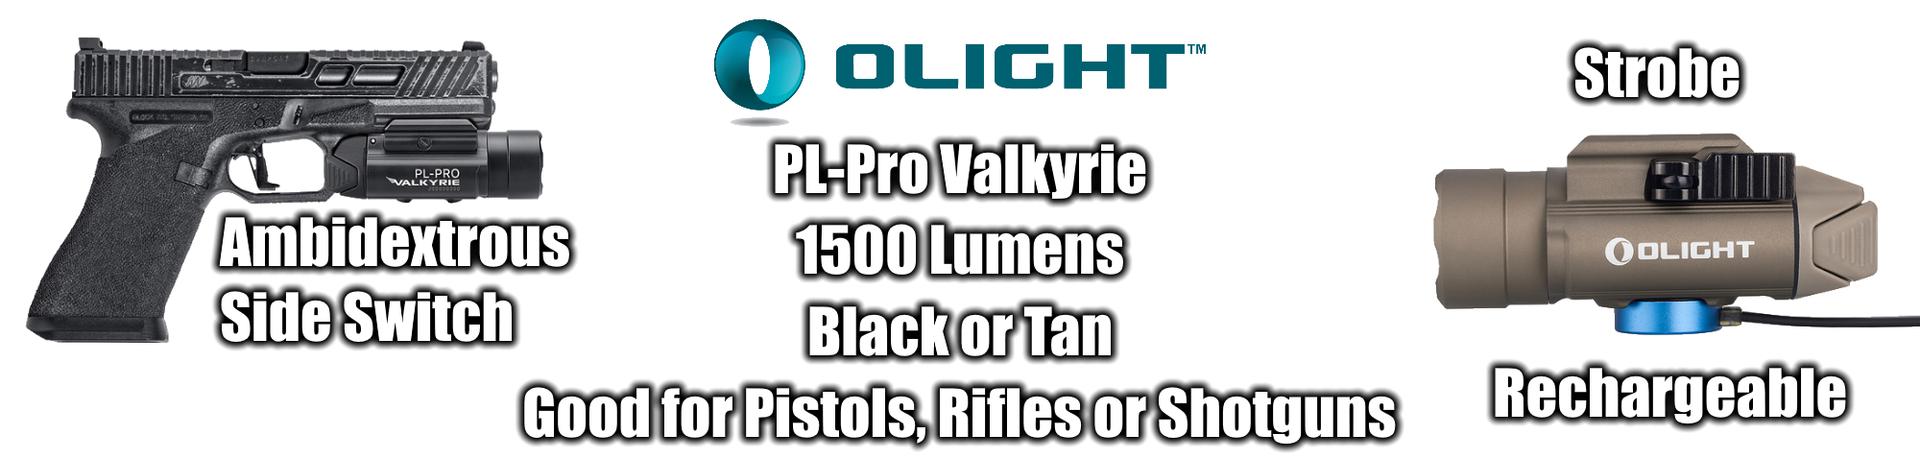 Olight PL Pro Weapon Light Outdoor Stockroom